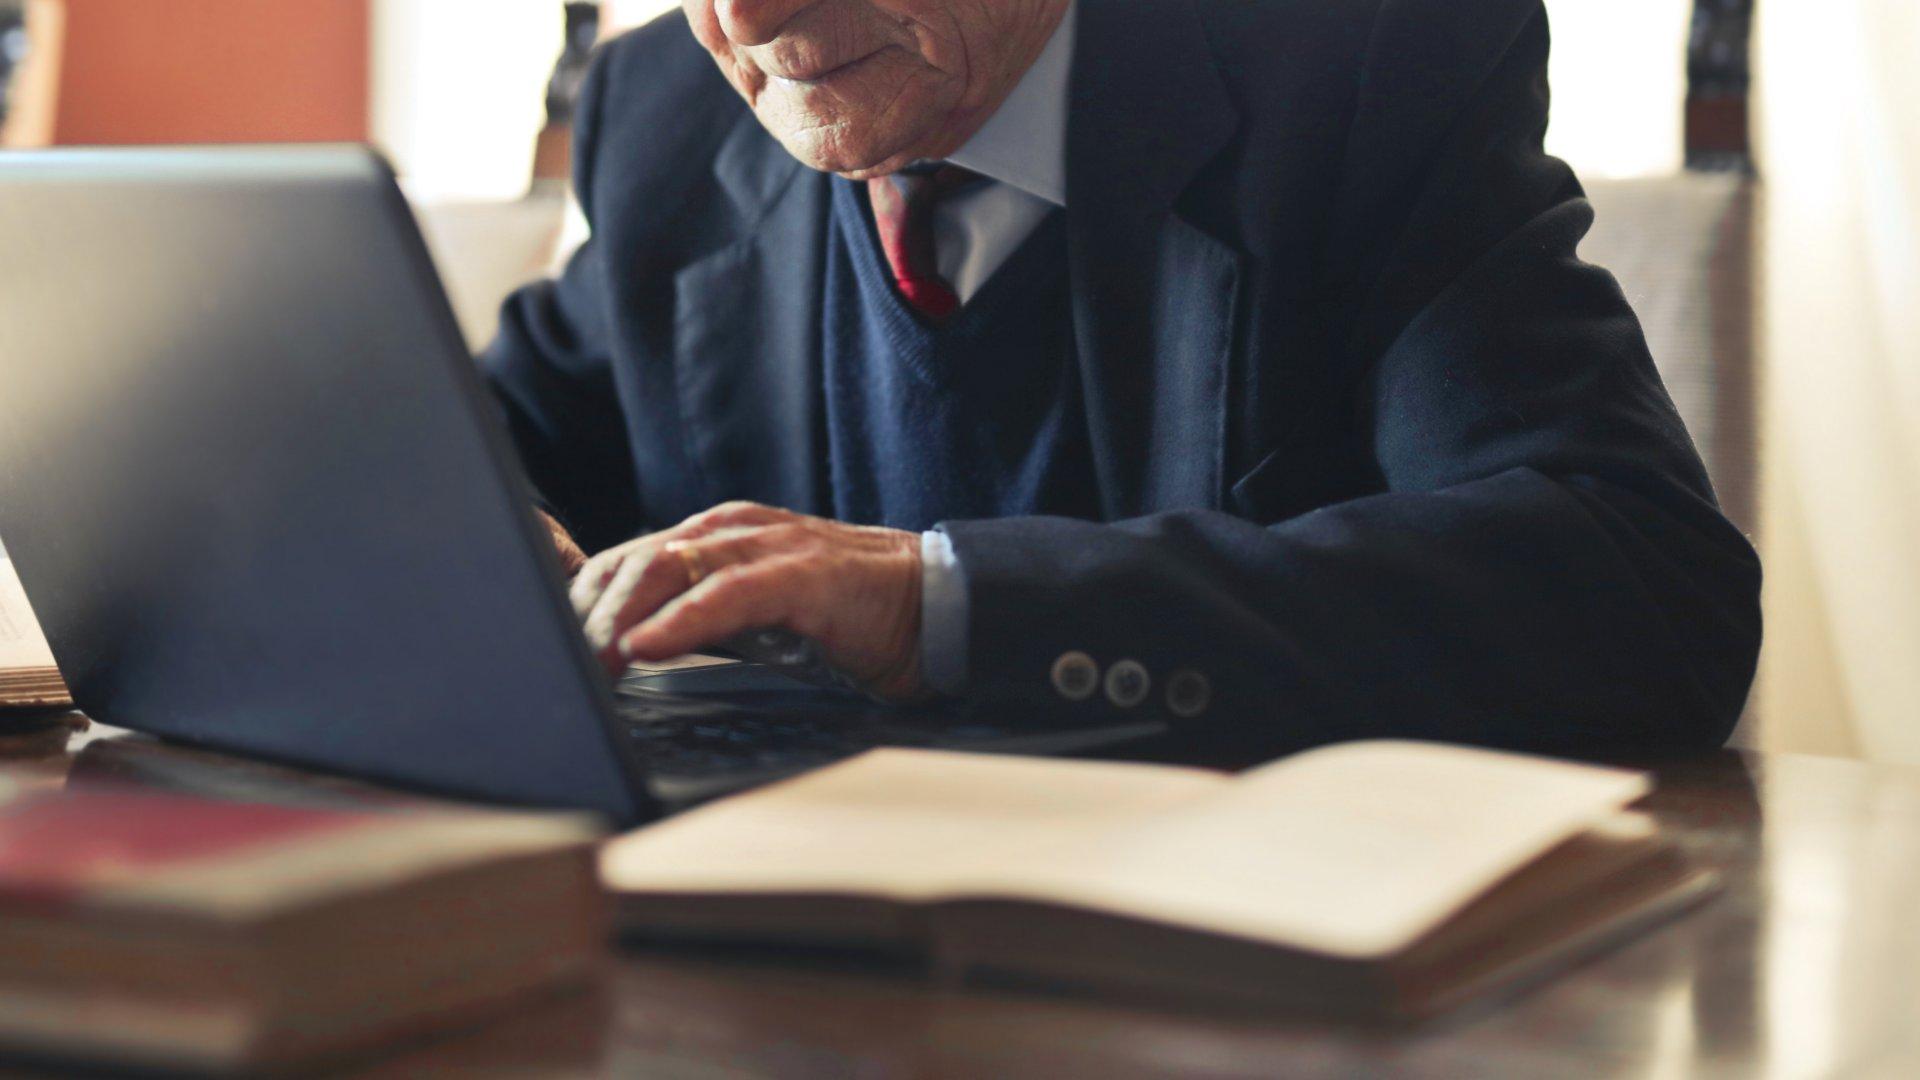 Nyugdíjas férfi a laptop előtt